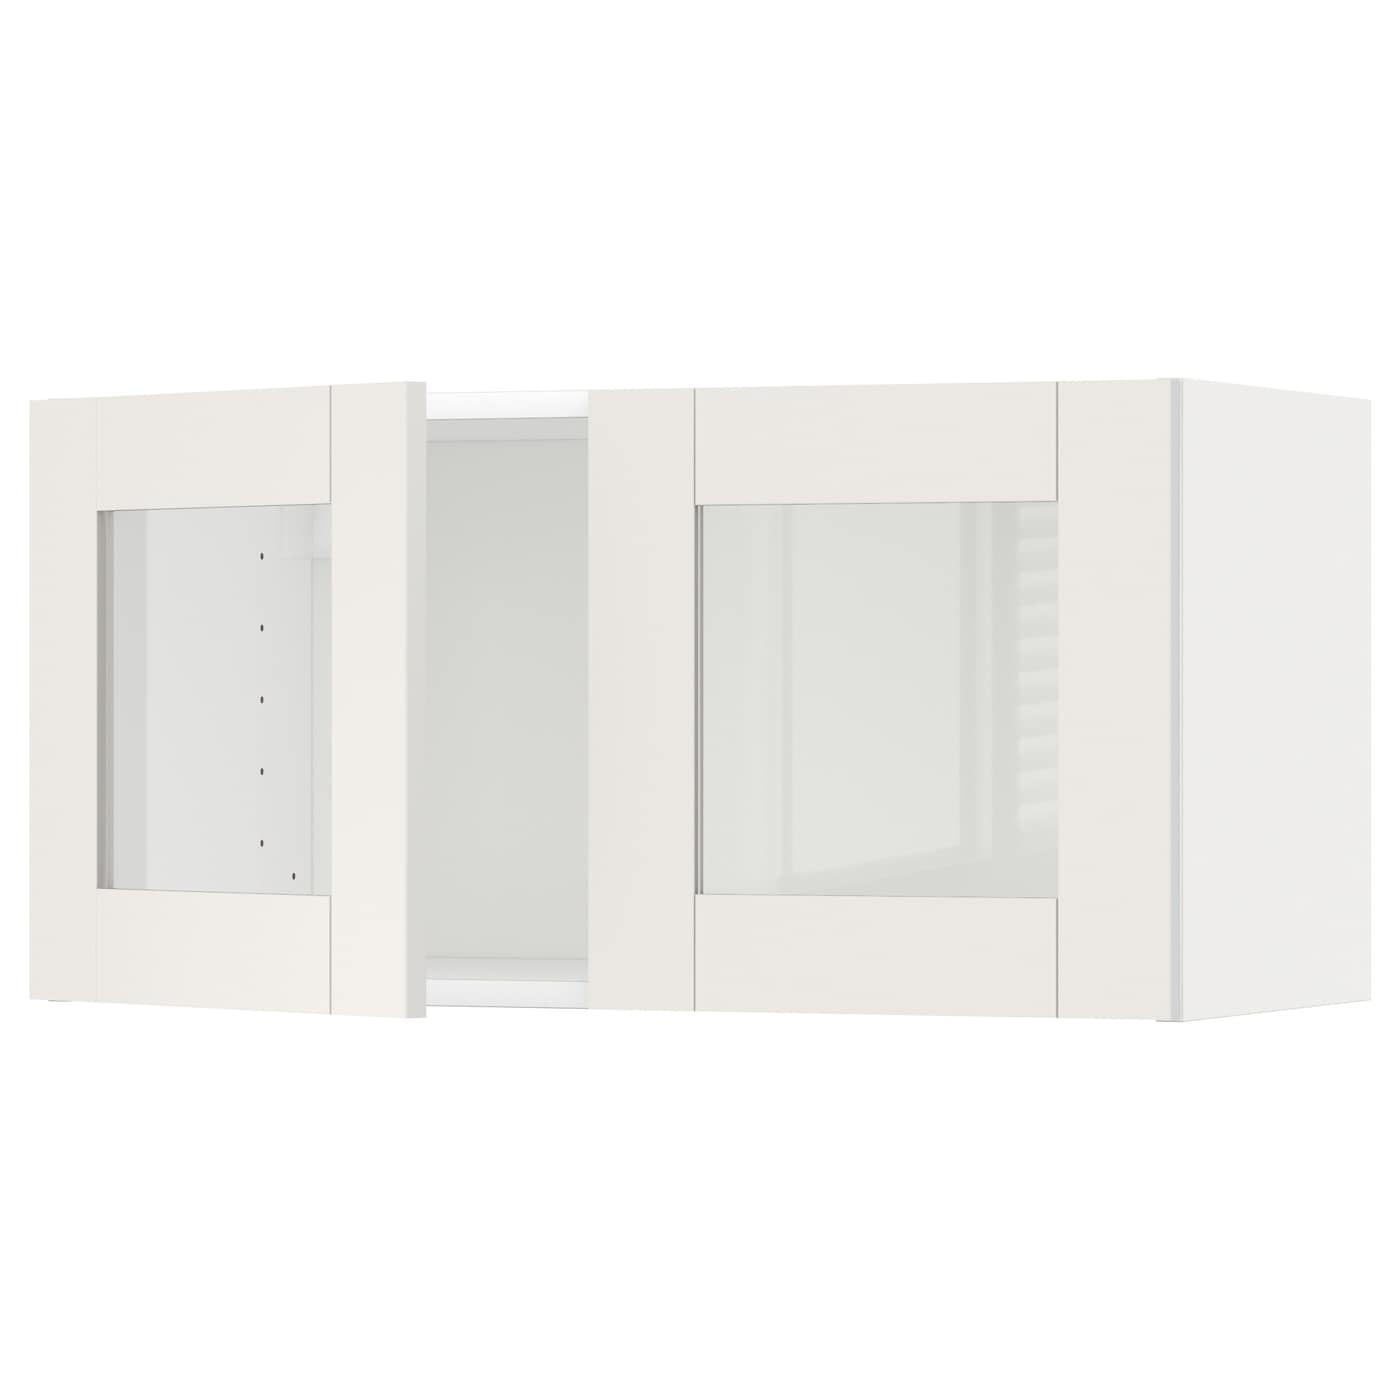 IKEA METOD Szafka ścien/2 szkl drzwi, biały, Sävedal biały, 80x40 cm